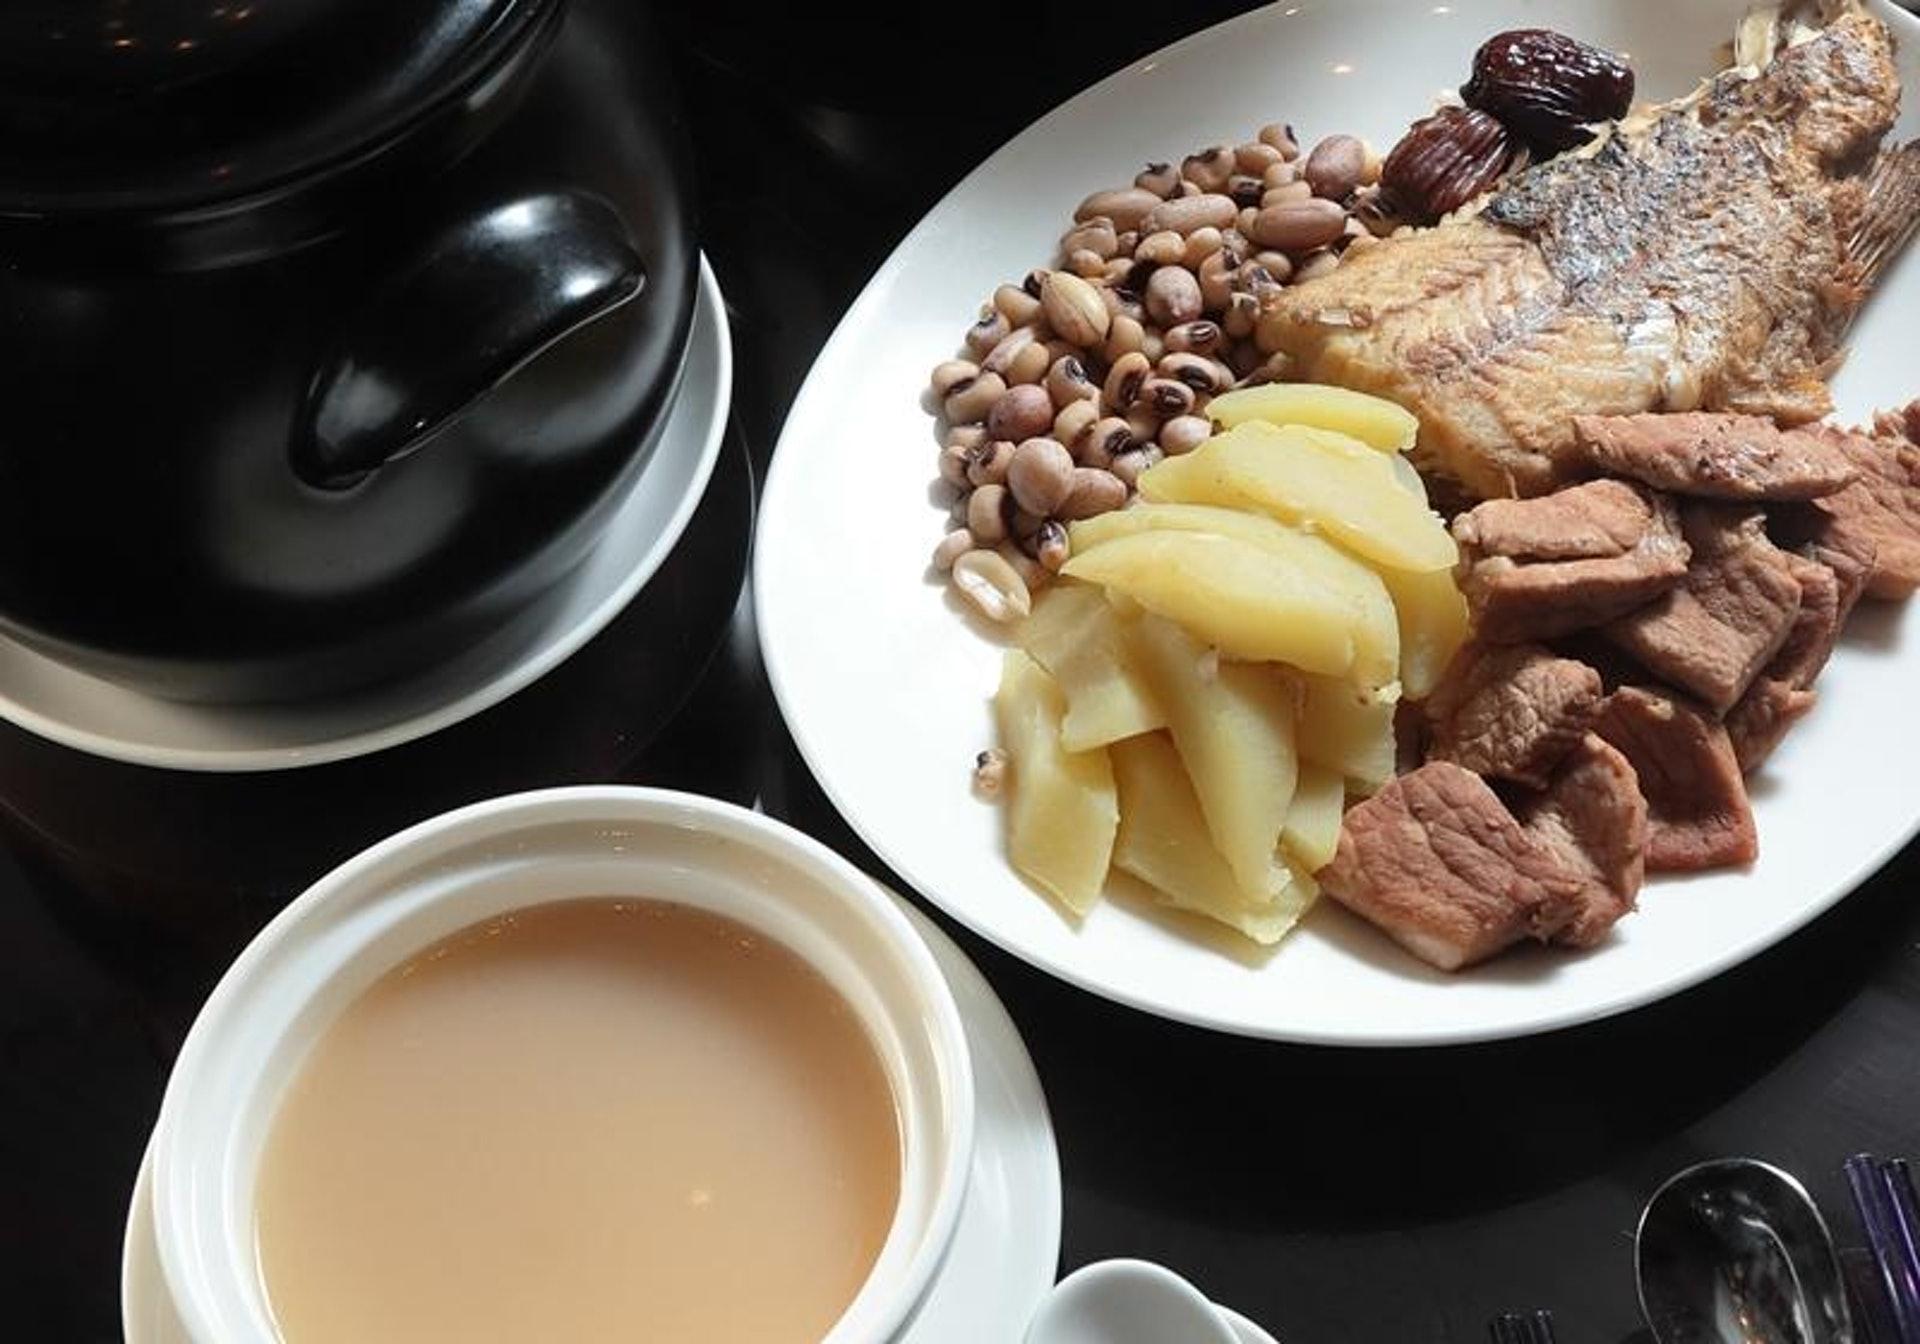 哺乳母親可多吃有上奶及催奶效果的食物,例如魚湯、豆製品、木瓜、花生、黑芝麻、海參等。部分食材常見於催奶湯,例如青木瓜花生眉豆煲魚尾湯。(圖片:food.ltn)